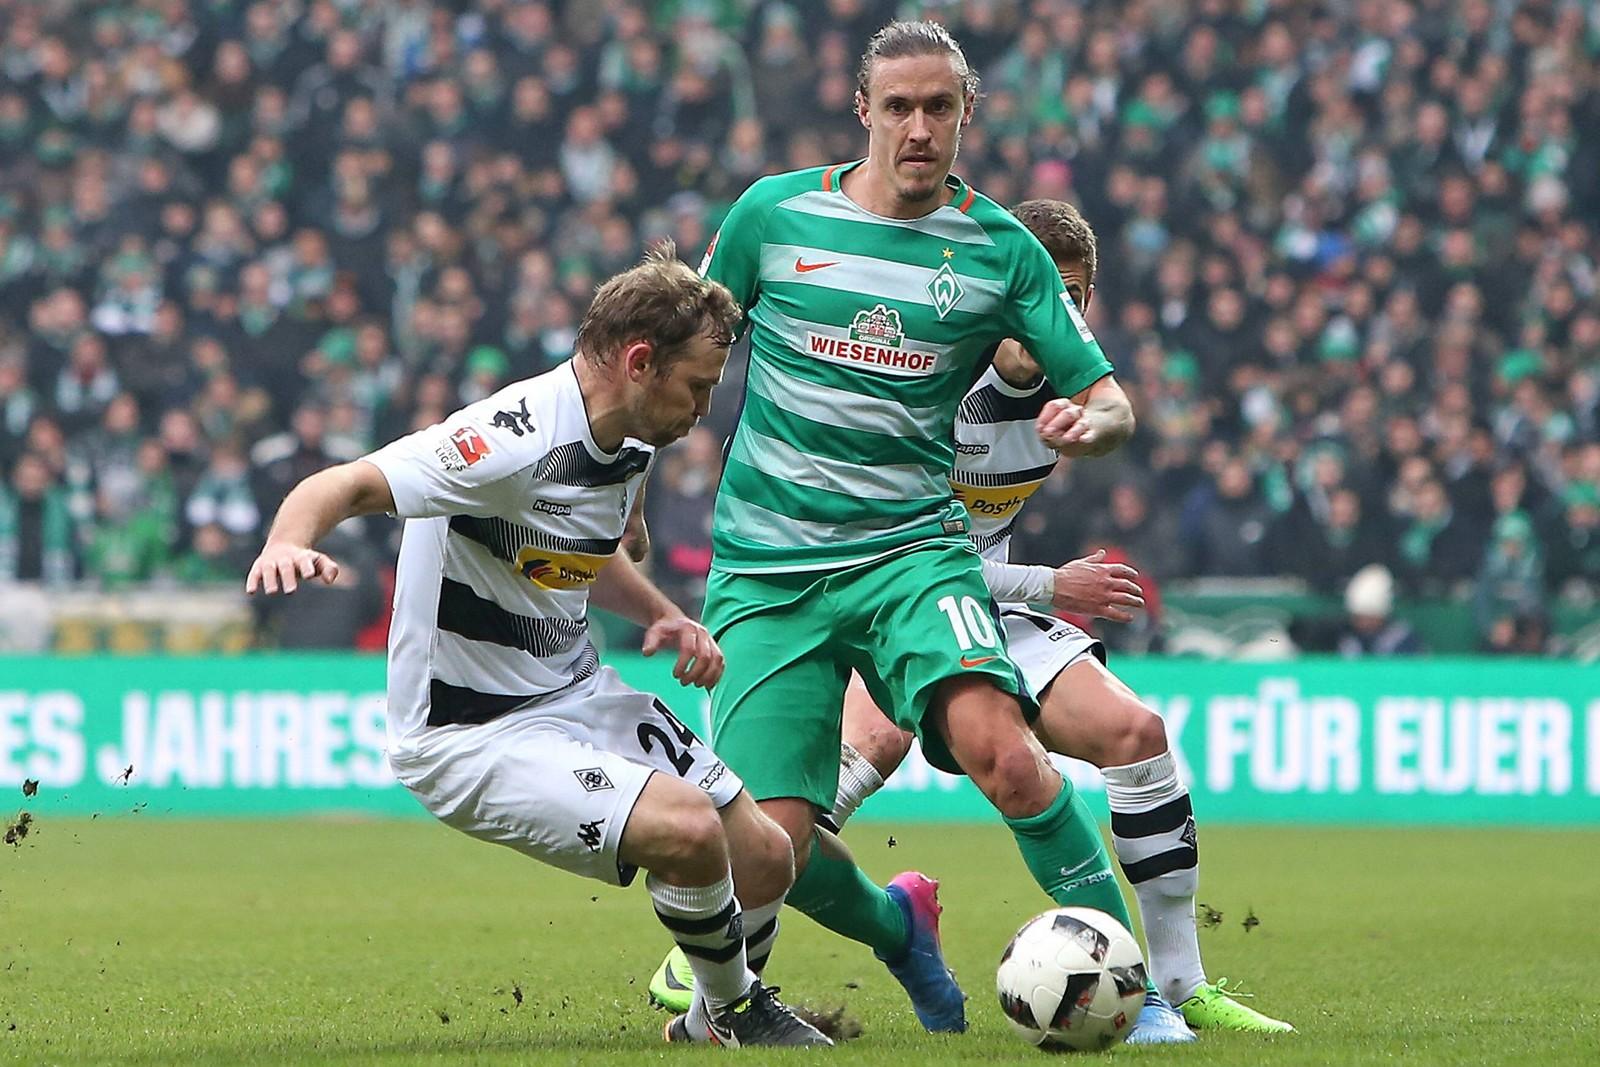 Führ Max Kruse Bremen nach zwei Niederlagen wieder zum Sieg? Jetzt auf Werder gegen Gladbach wetten!